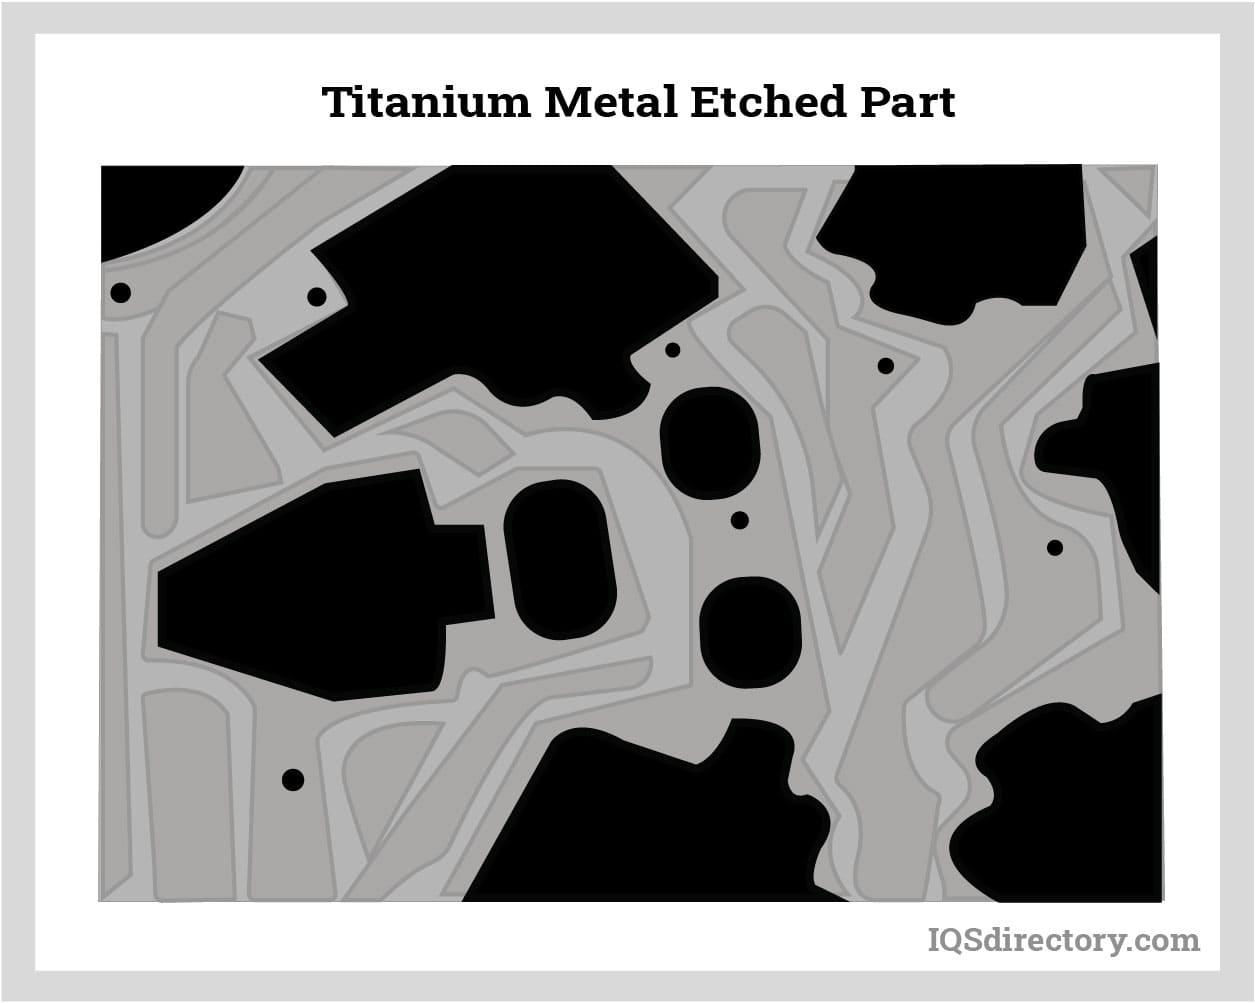 Titanium Metal Etched Part